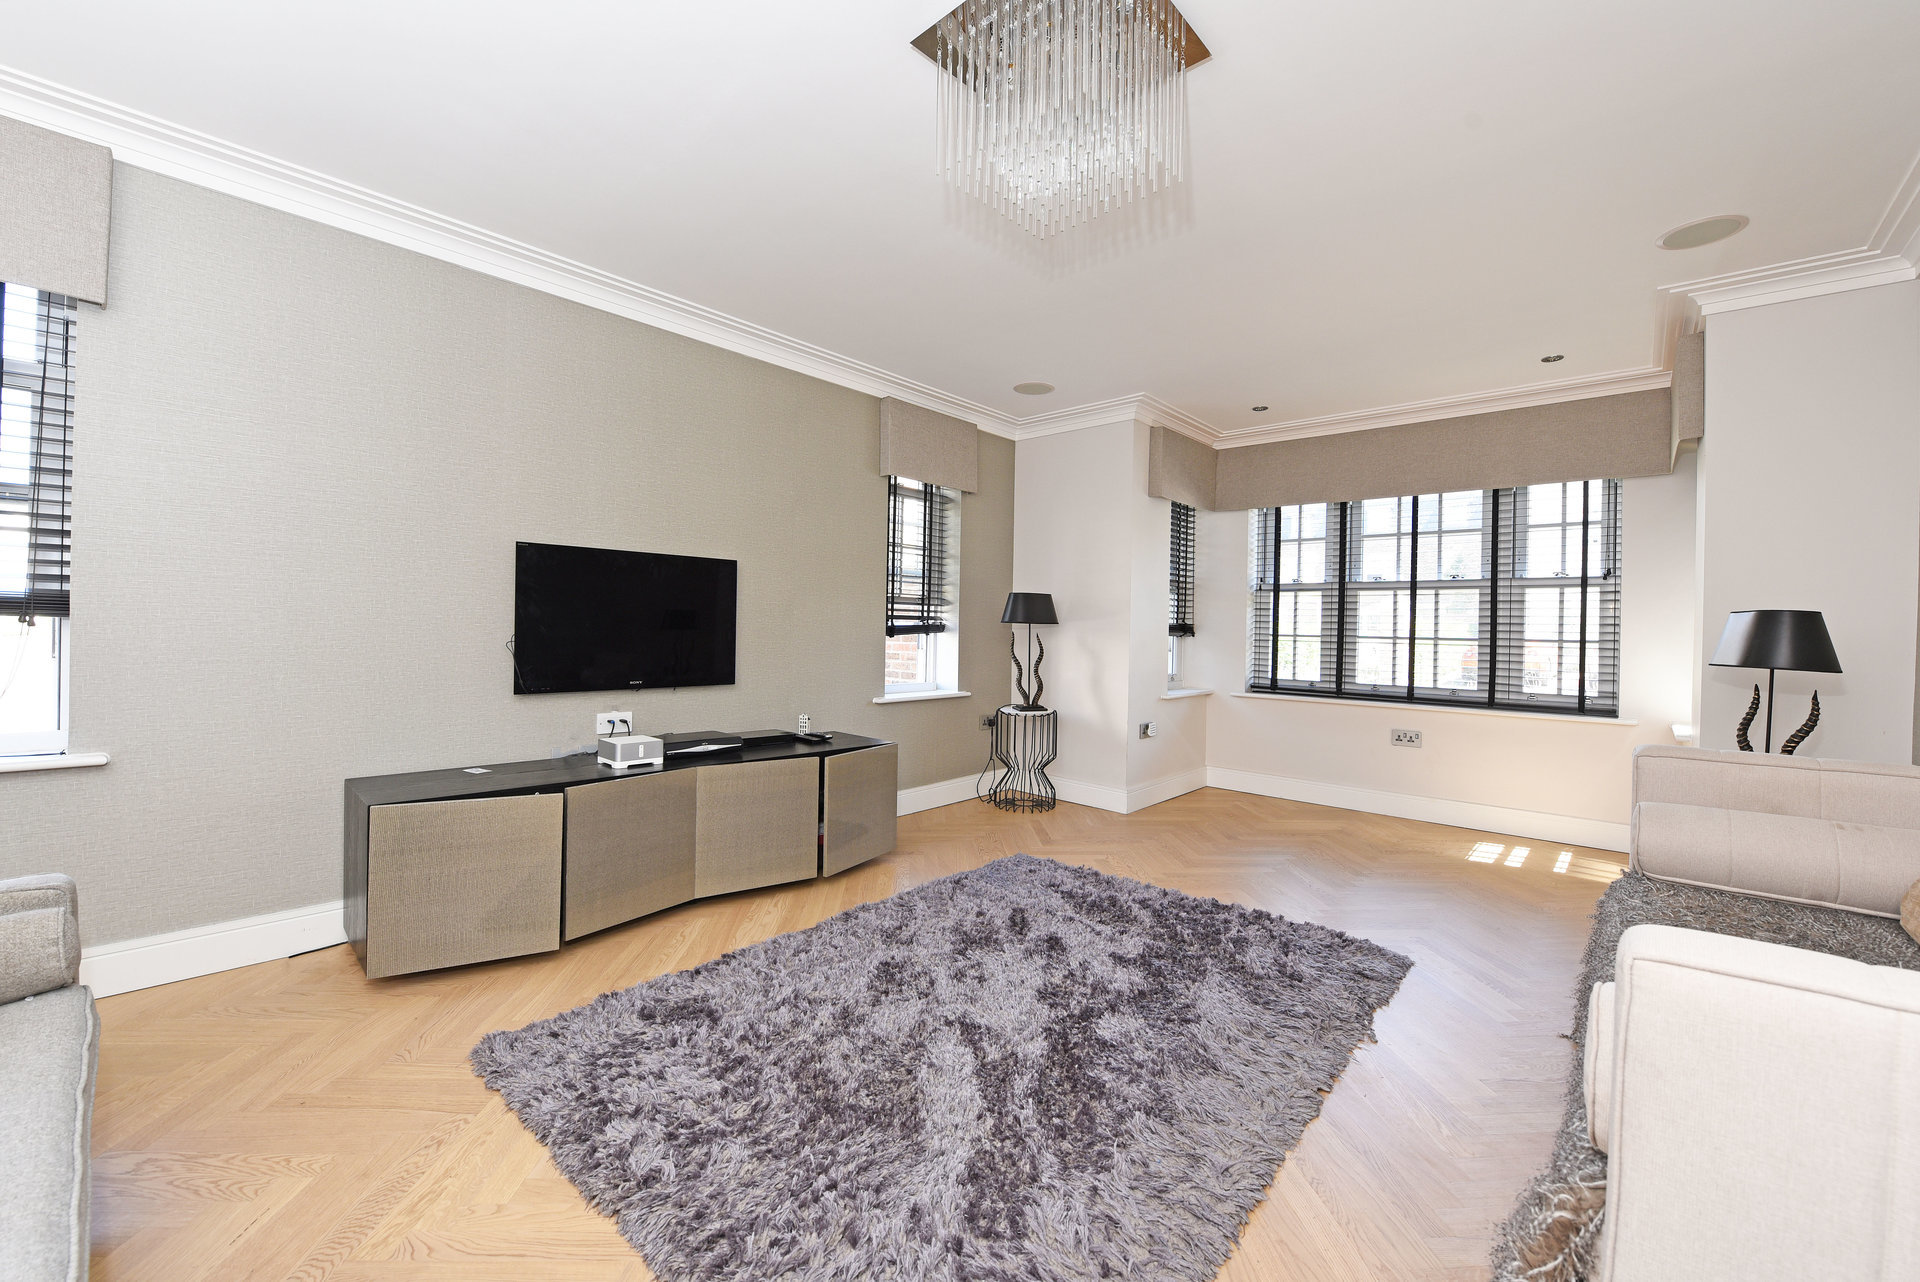 Sale Semi-detached house London